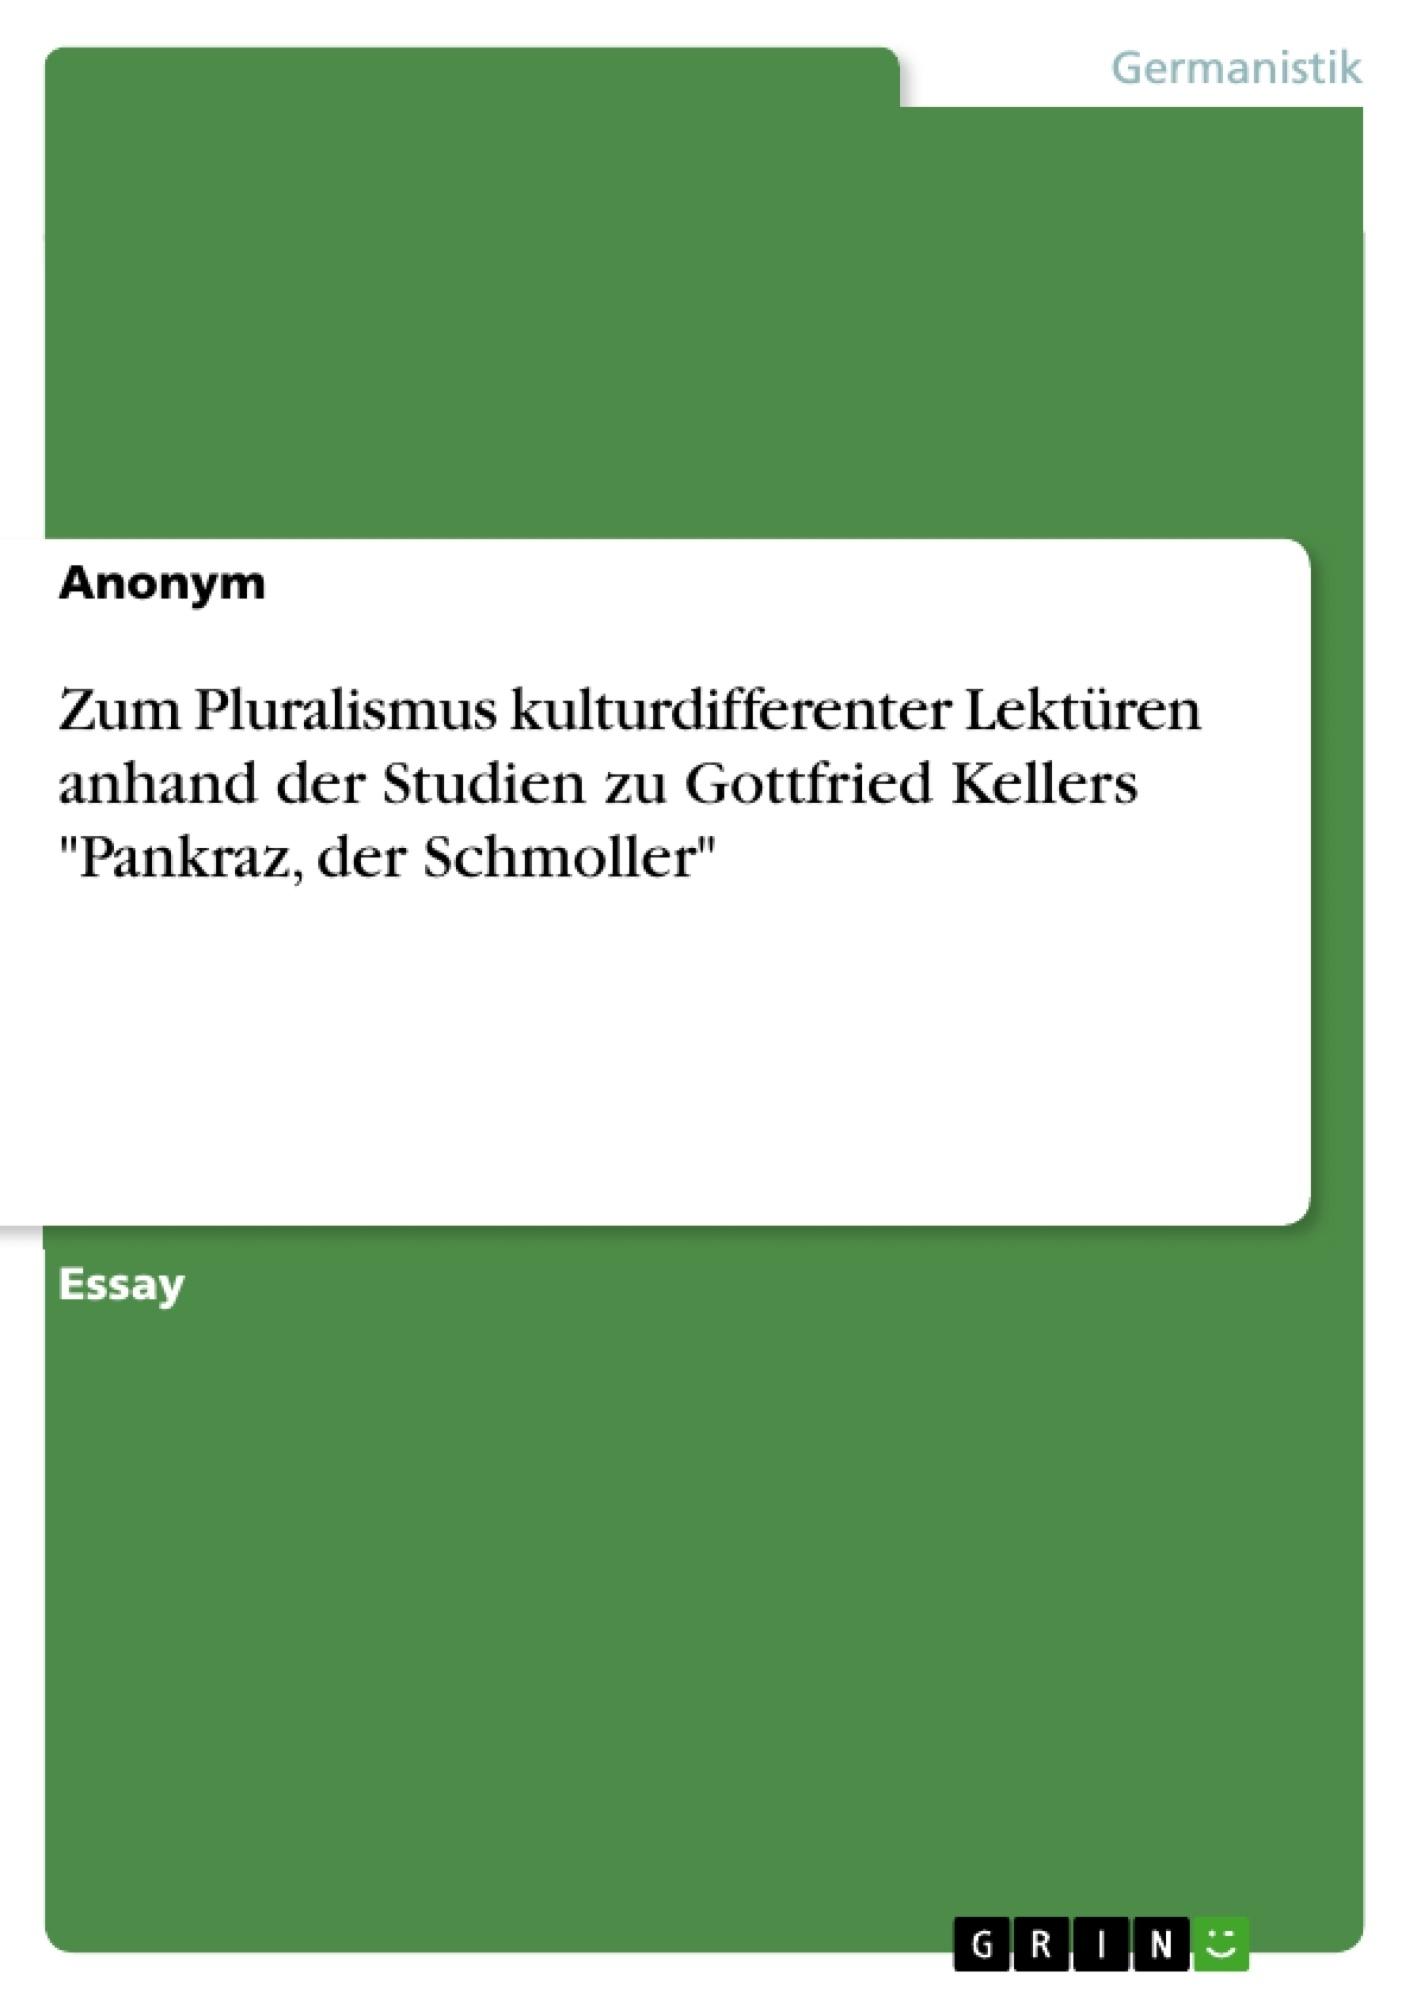 """Titel: Zum Pluralismus kulturdifferenter Lektüren anhand der Studien zu Gottfried Kellers """"Pankraz, der Schmoller"""""""